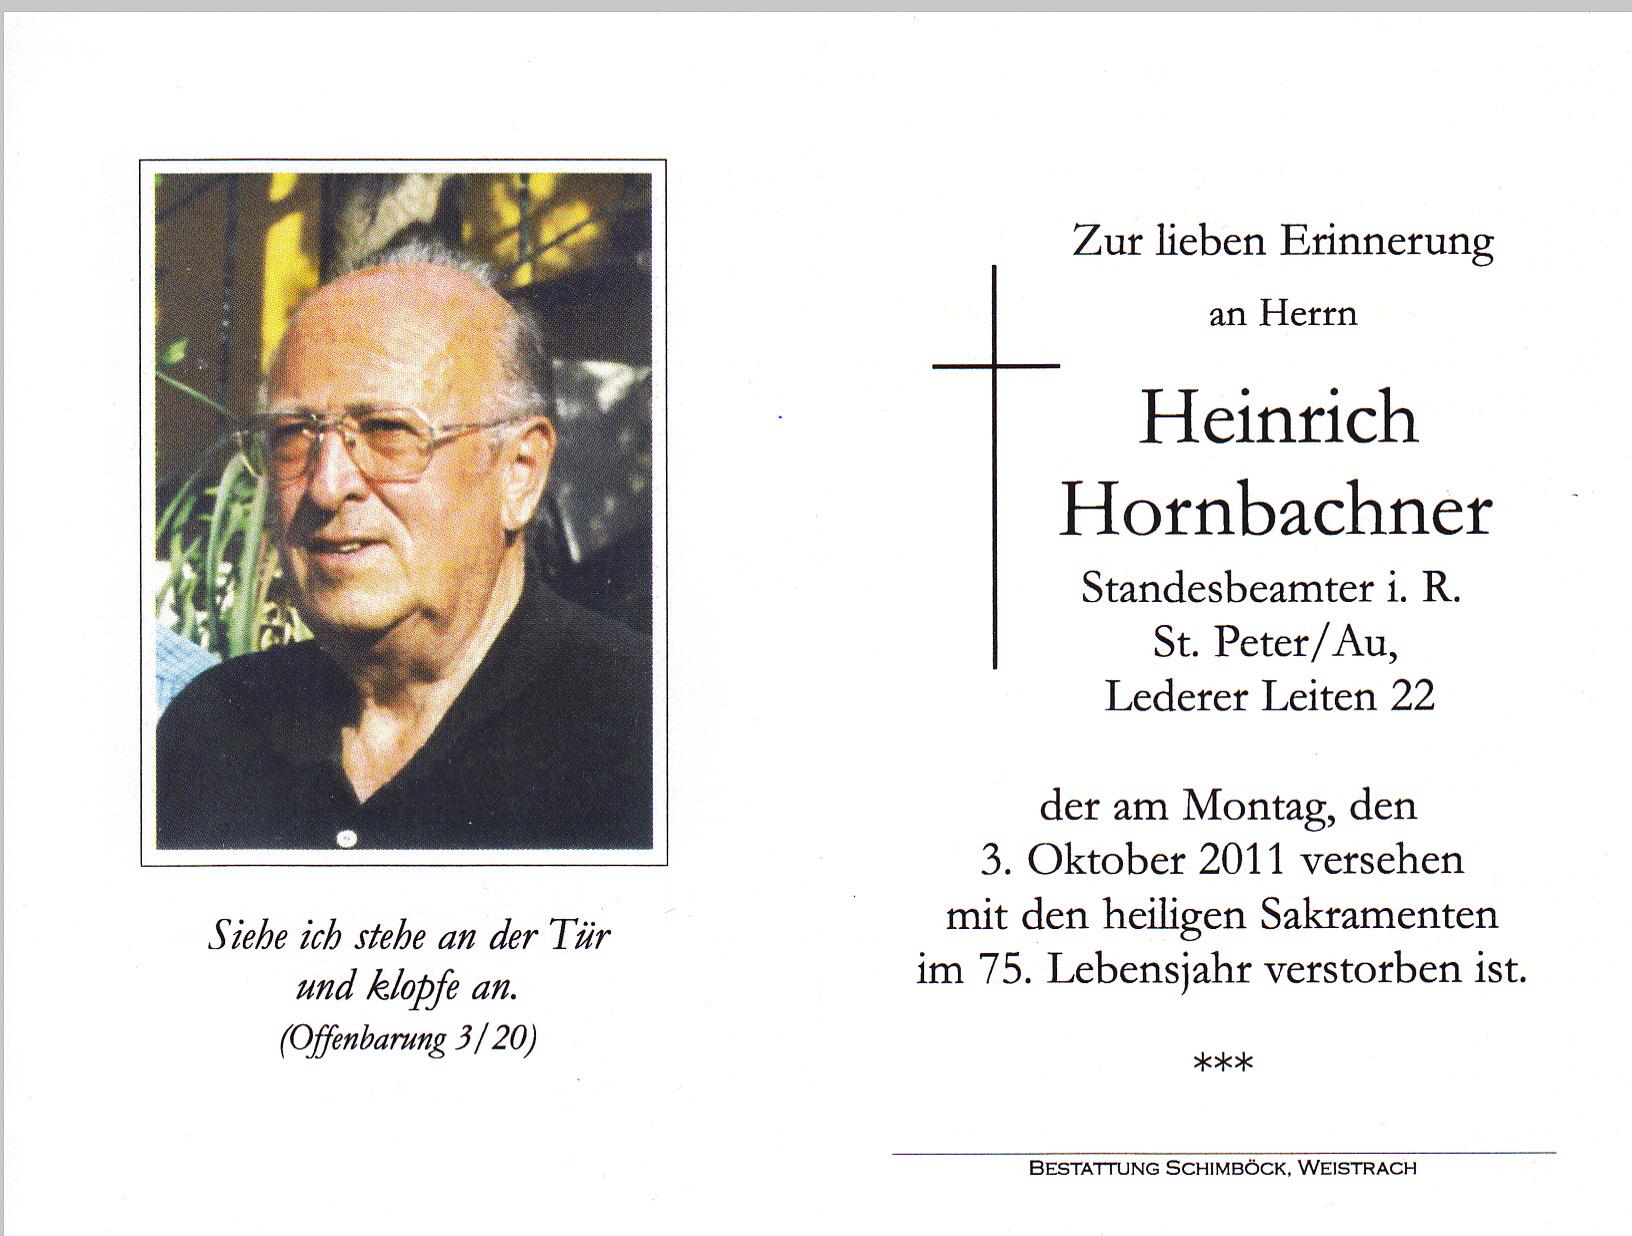 Heinrich_Hornbachner